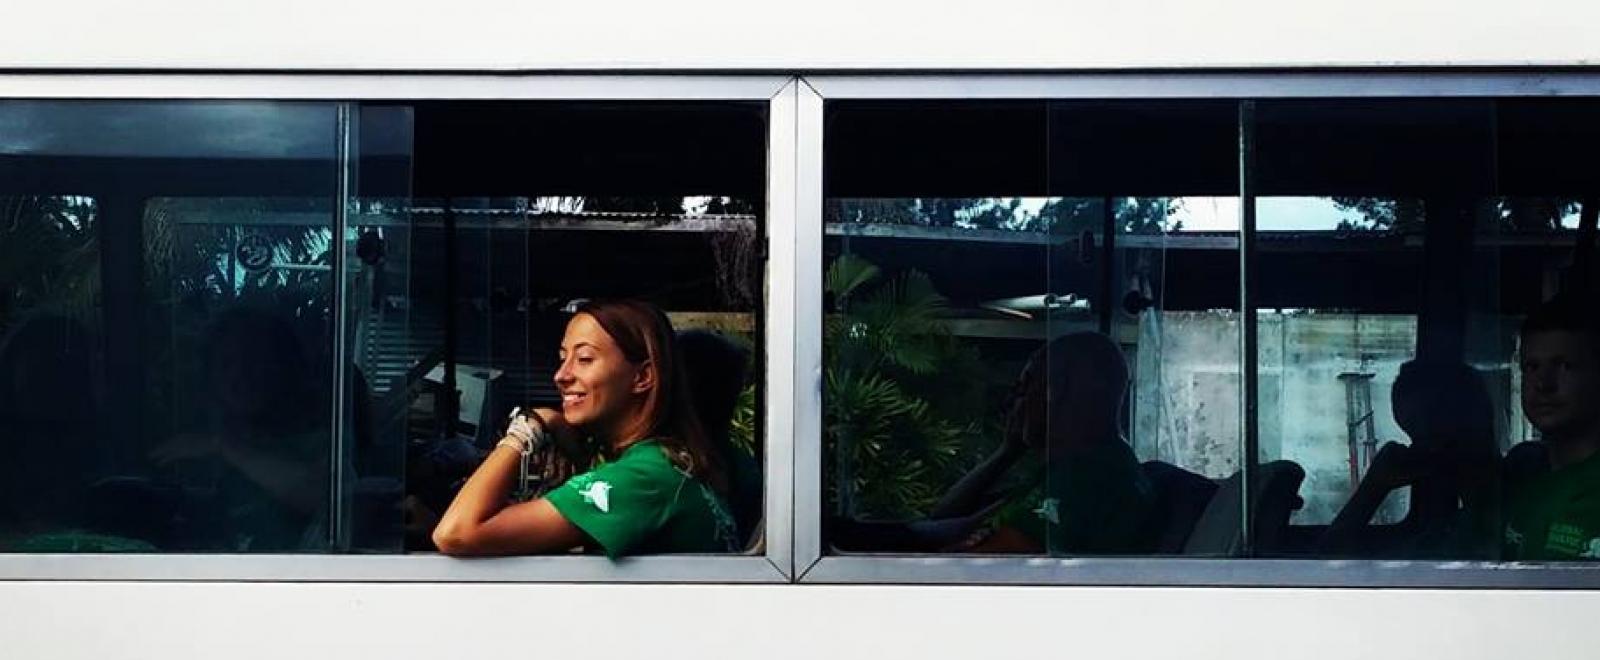 Voluntaria viajando en un minibús.